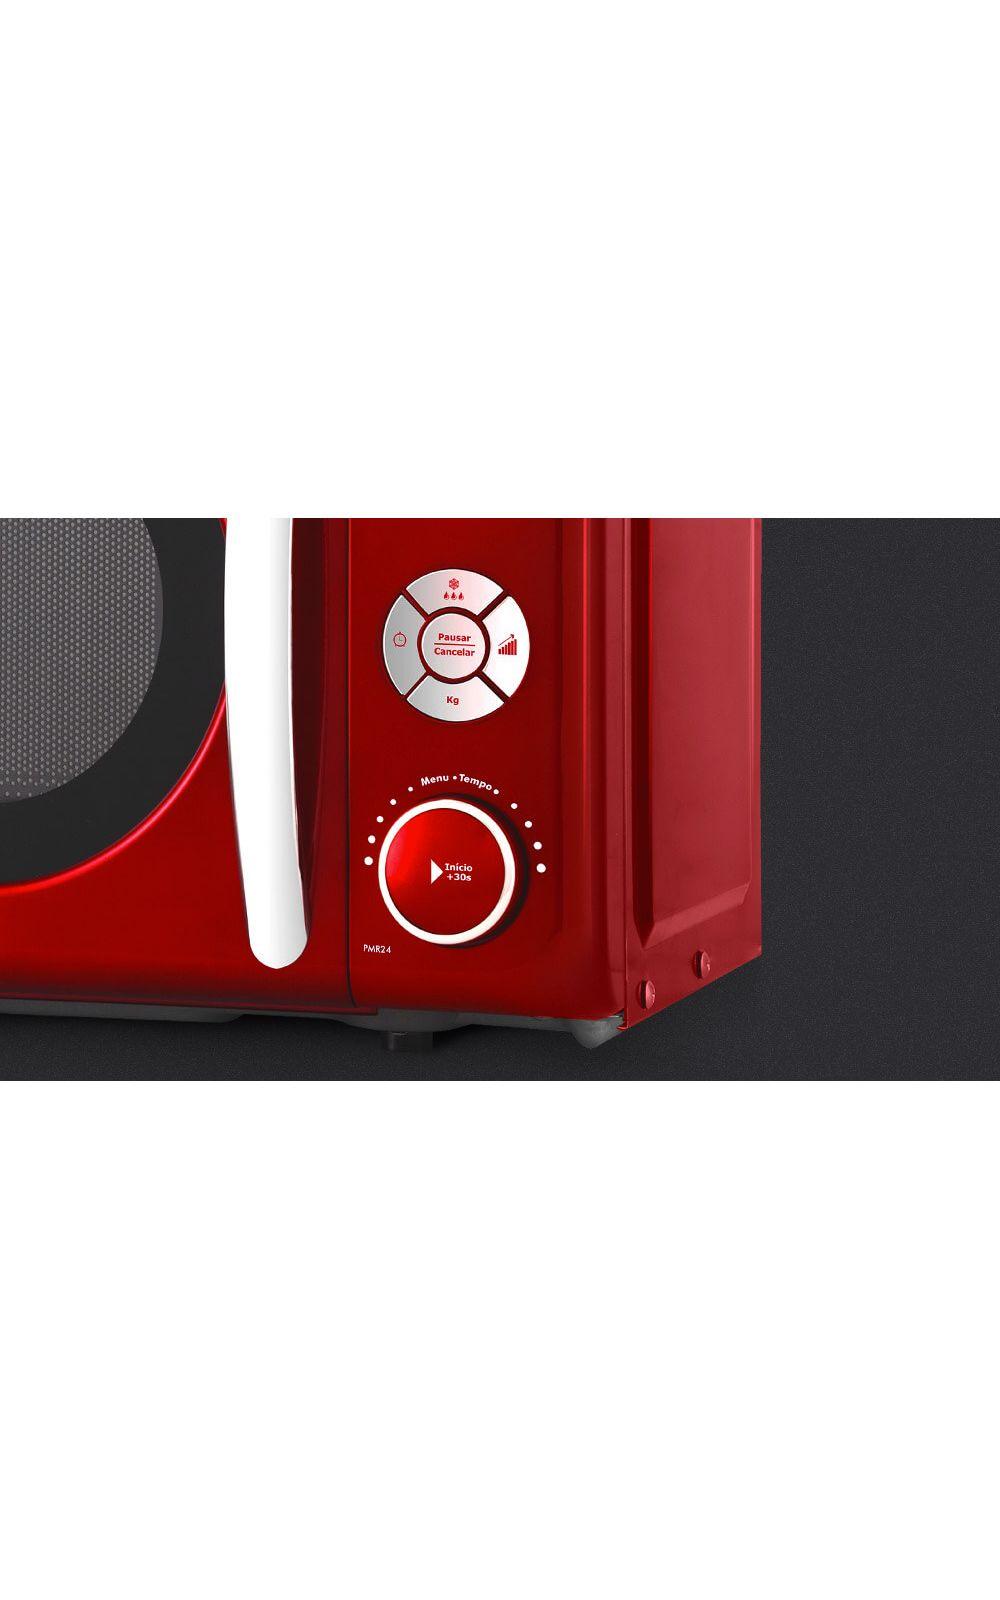 2cbb8a7a2 Foto 4 - Micro-ondas Retrô Philco Premium